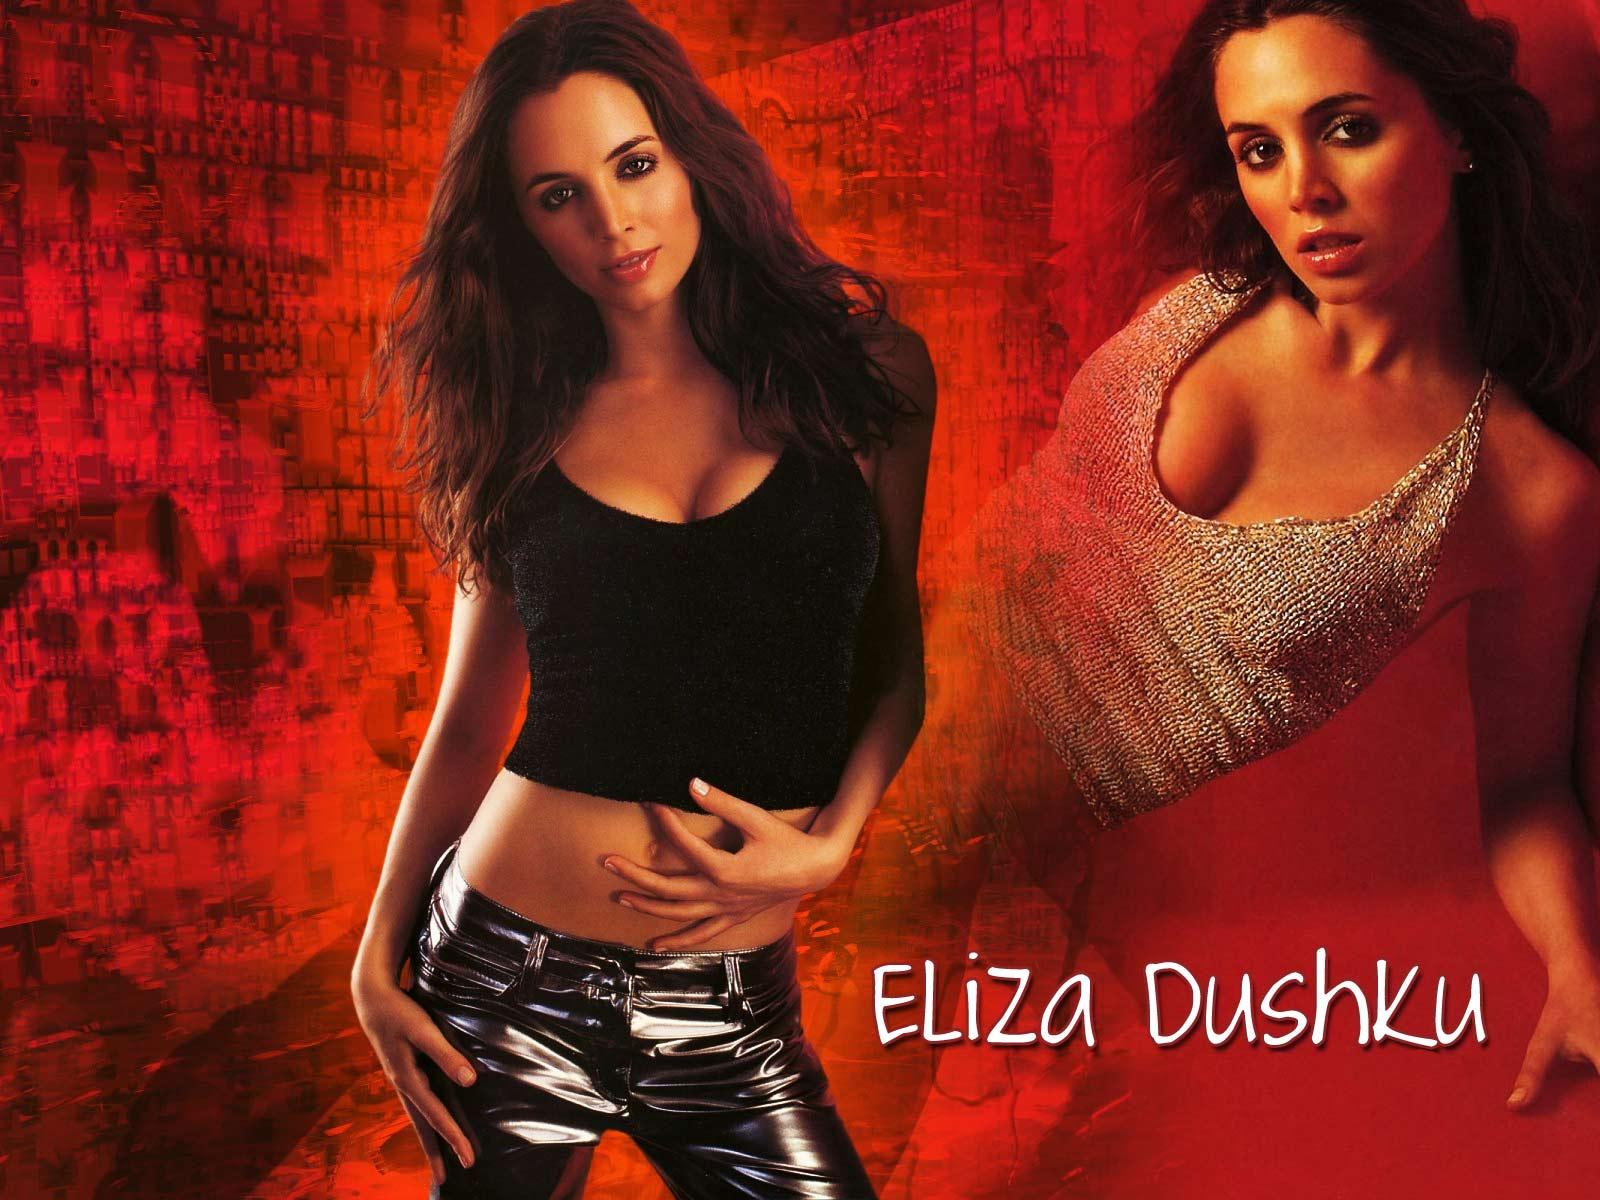 http://4.bp.blogspot.com/_6A8j2EQmANk/TJhKorertCI/AAAAAAAASEE/B8ncy7EtJoY/s1600/Eliza+Dushku+Hot+Pics+4.jpg